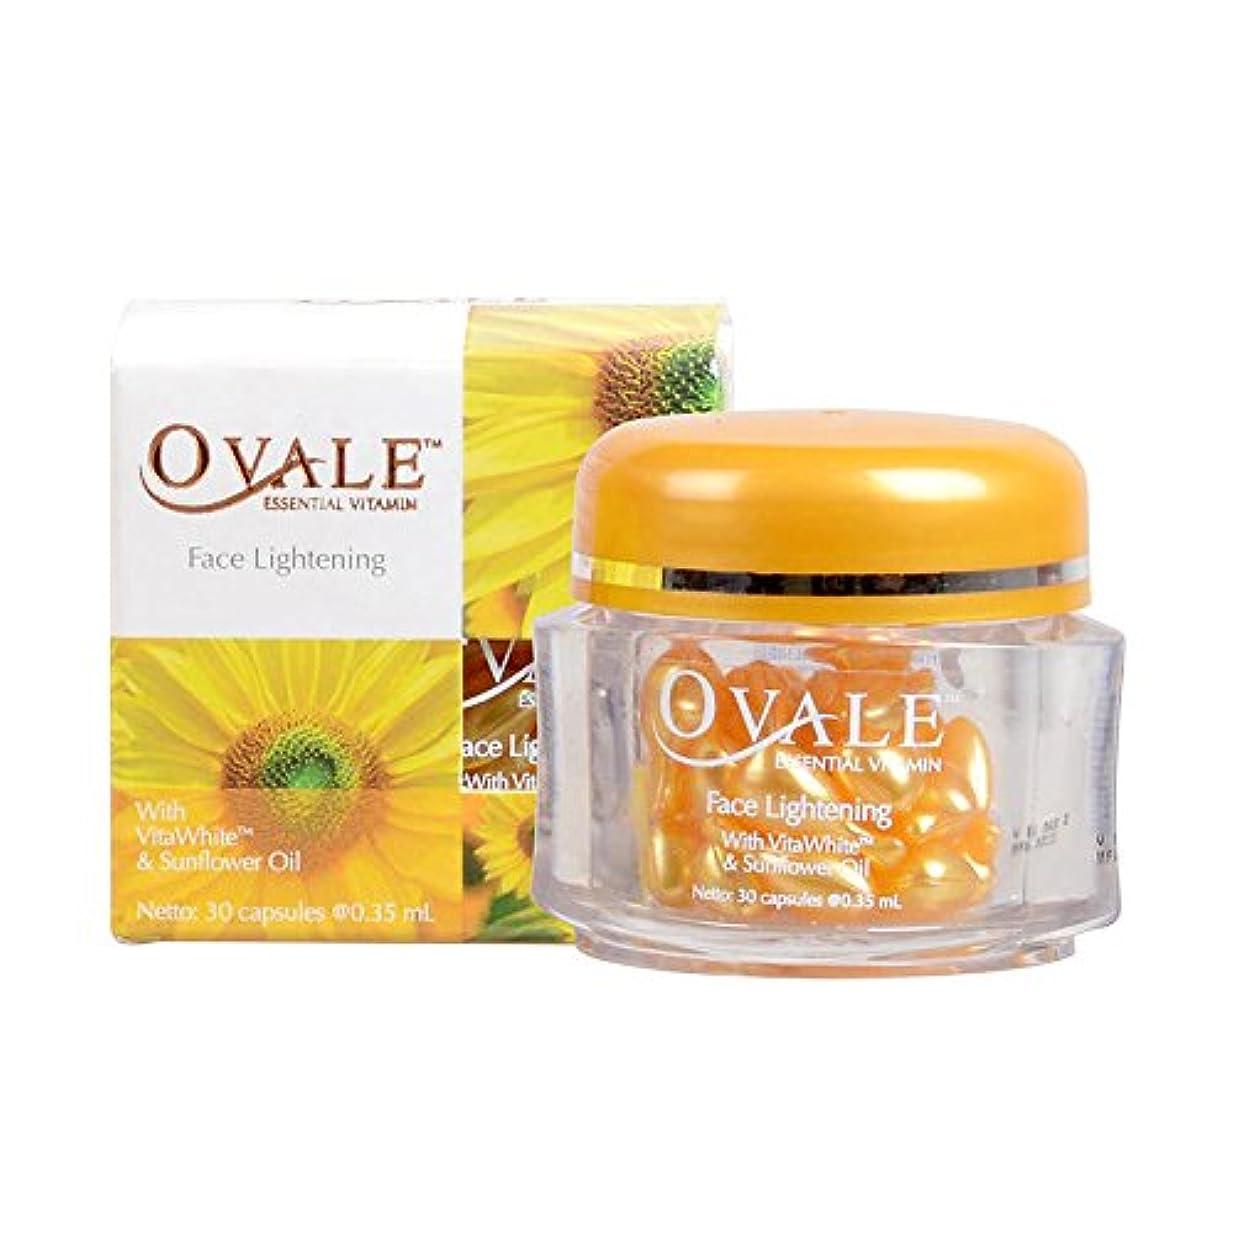 私たち小道具困難Ovale オーバル フェイスビタミン essential vitamin 30粒入ボトル サンフラワー バリ島 bali [海外直送品]